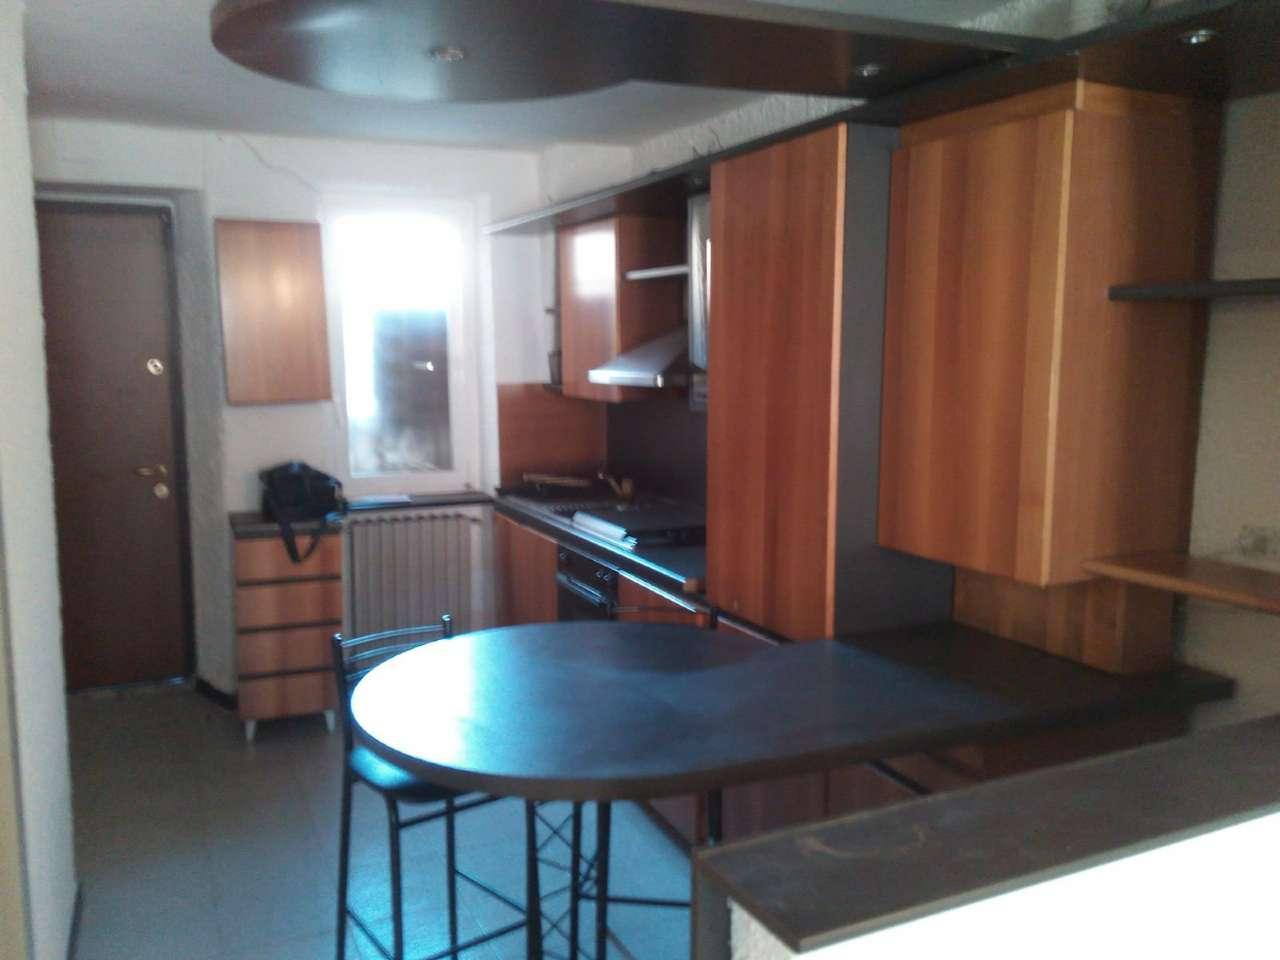 Appartamento in vendita a Milano, 1 locali, zona Zona: 17 . Quarto Oggiaro, Villapizzone, Certosa, Vialba, prezzo € 69.000 | CambioCasa.it